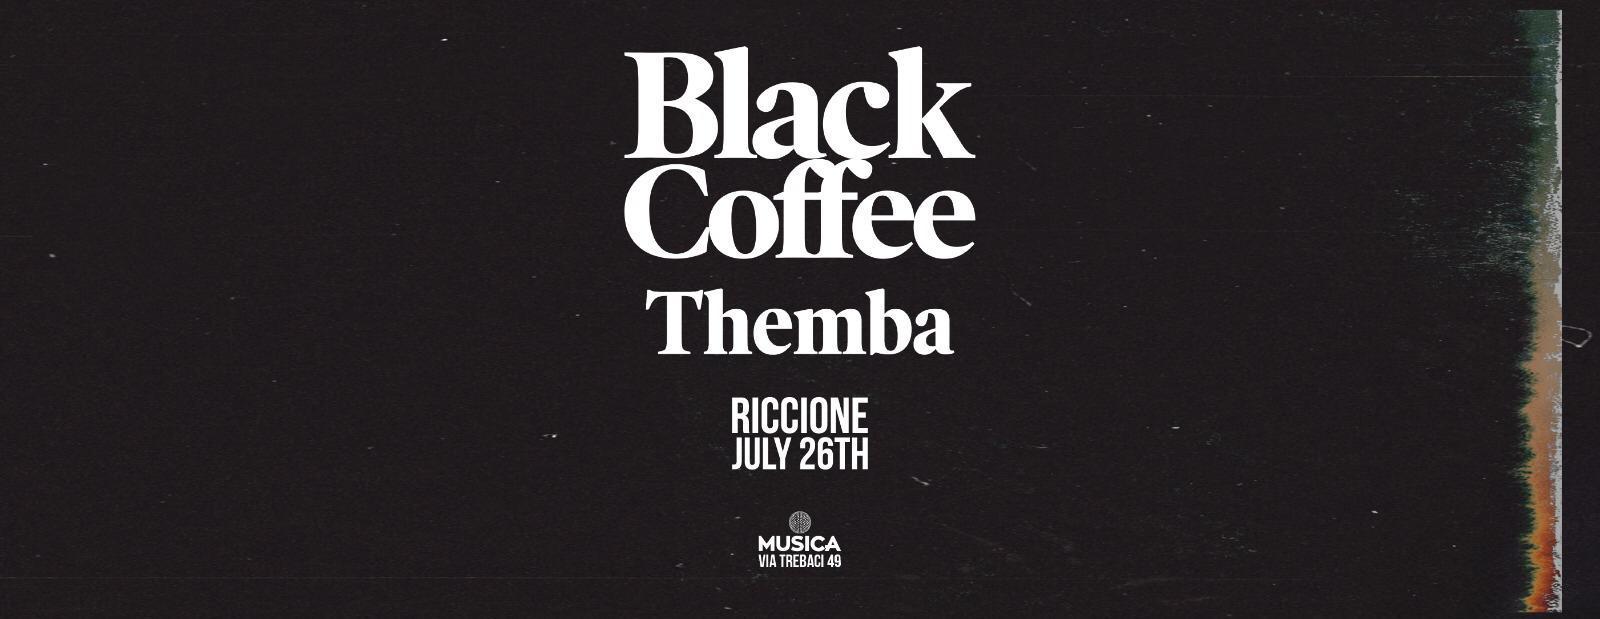 black coffee musica domenica 26 luglio